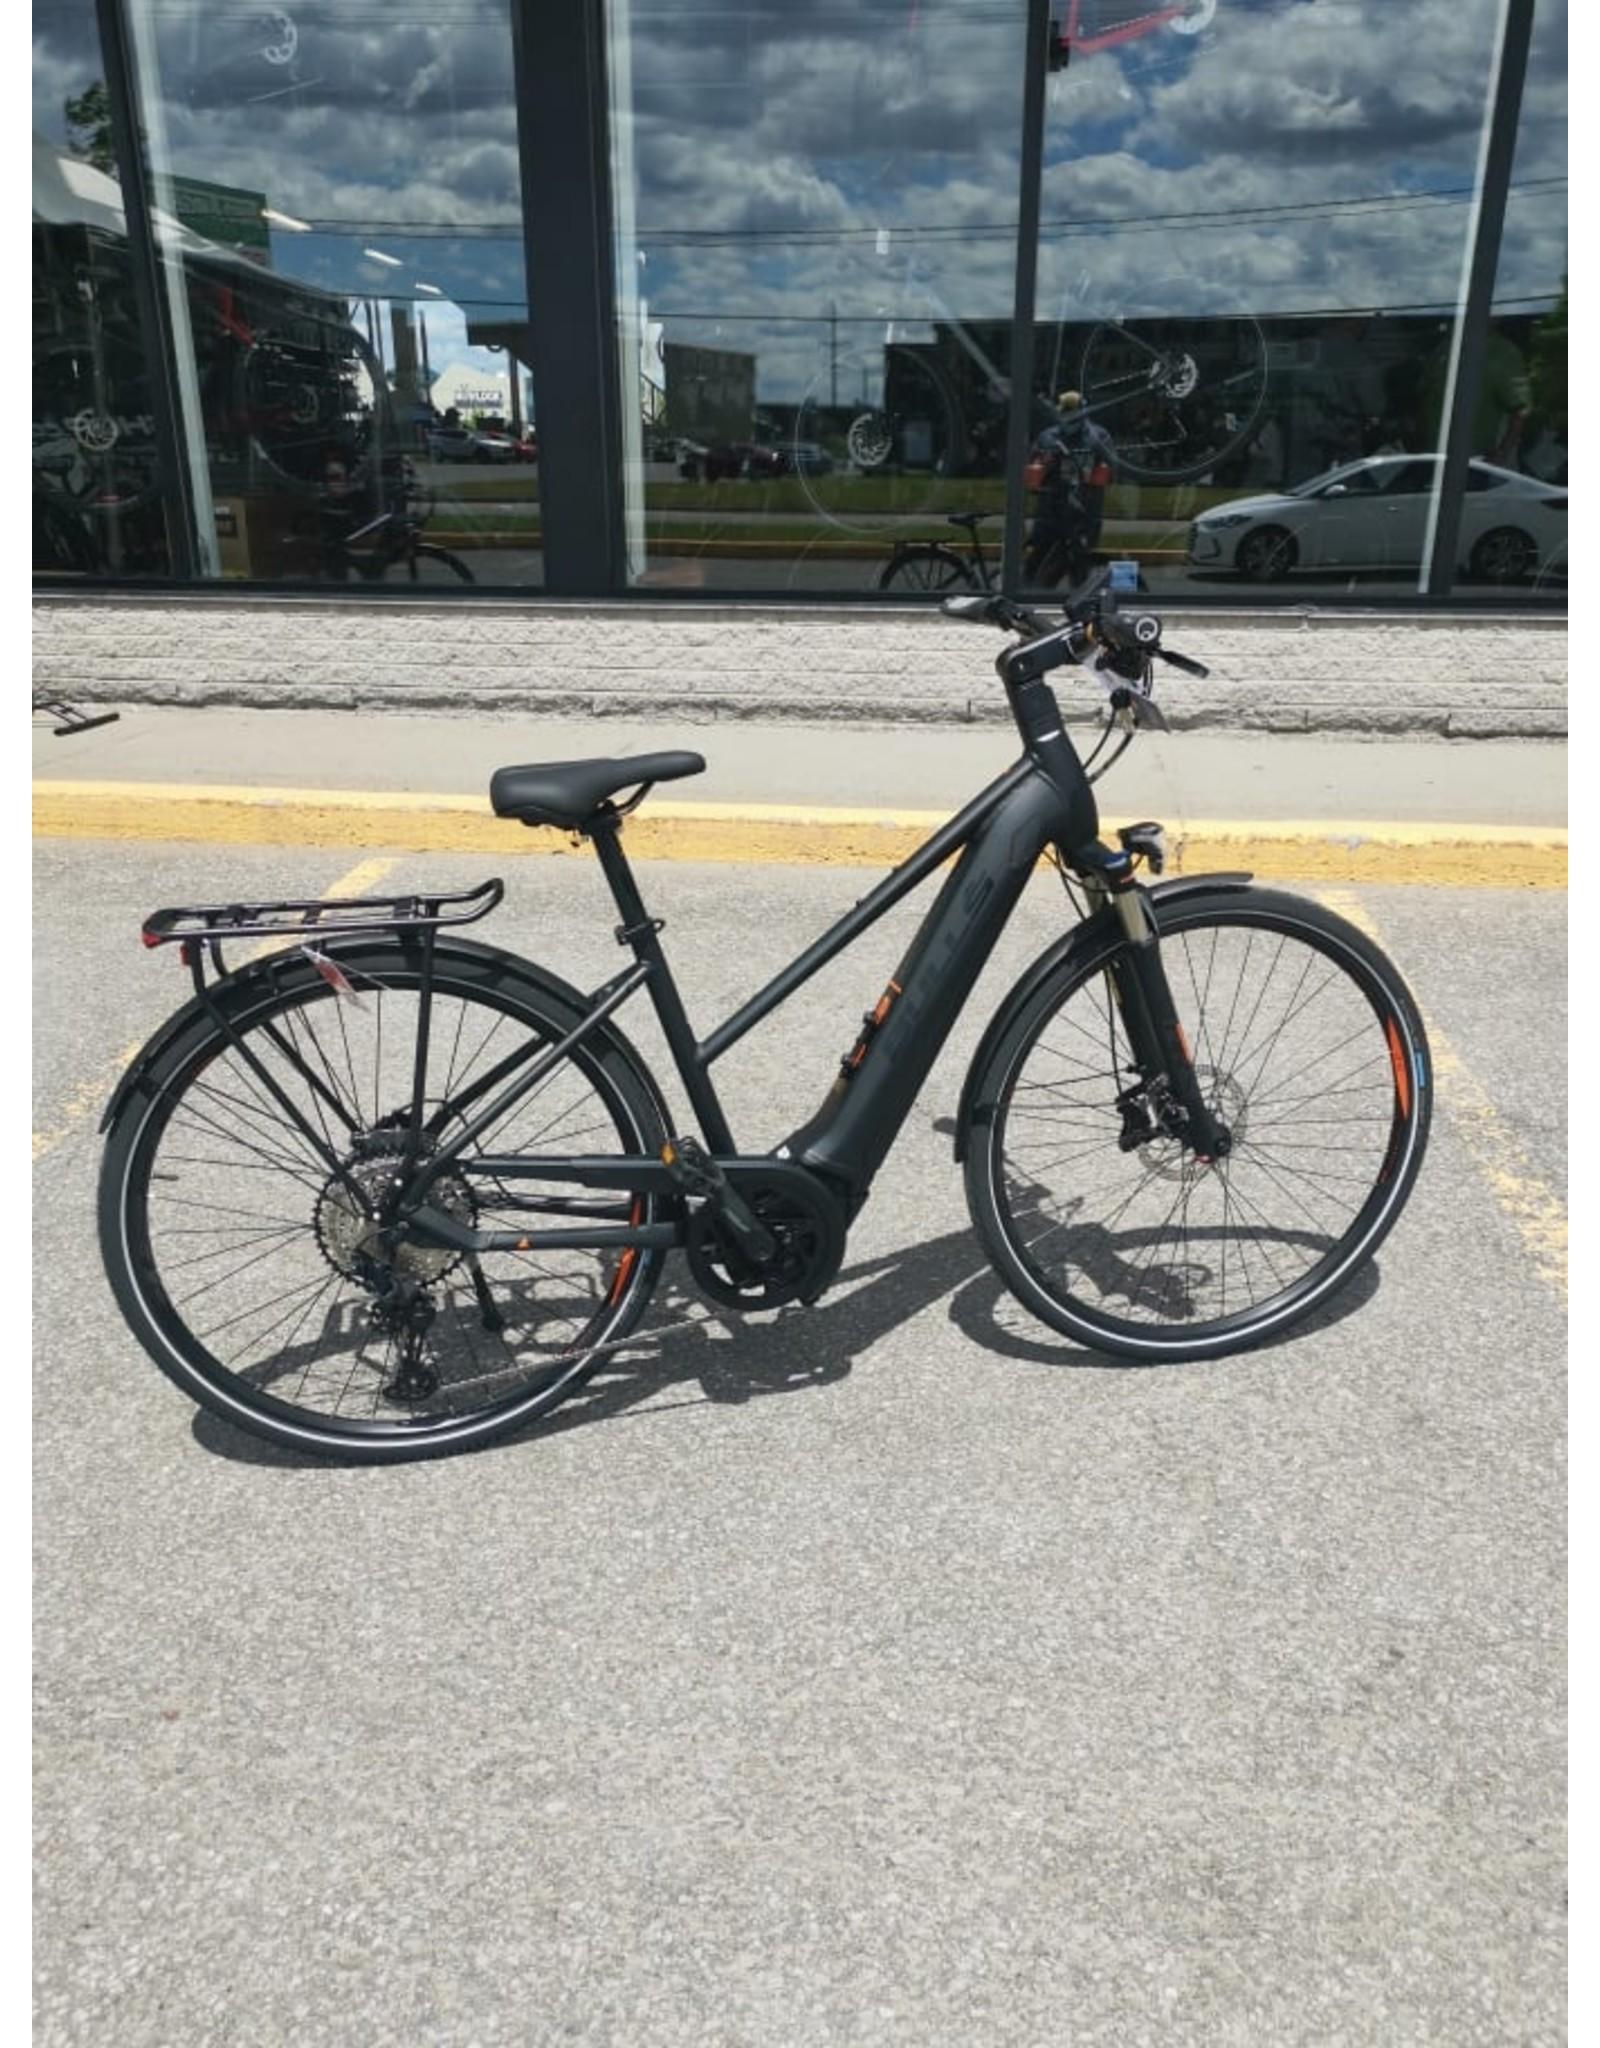 BULLS Bulls Cross Lite Evo Diamond Matt Black electric bike